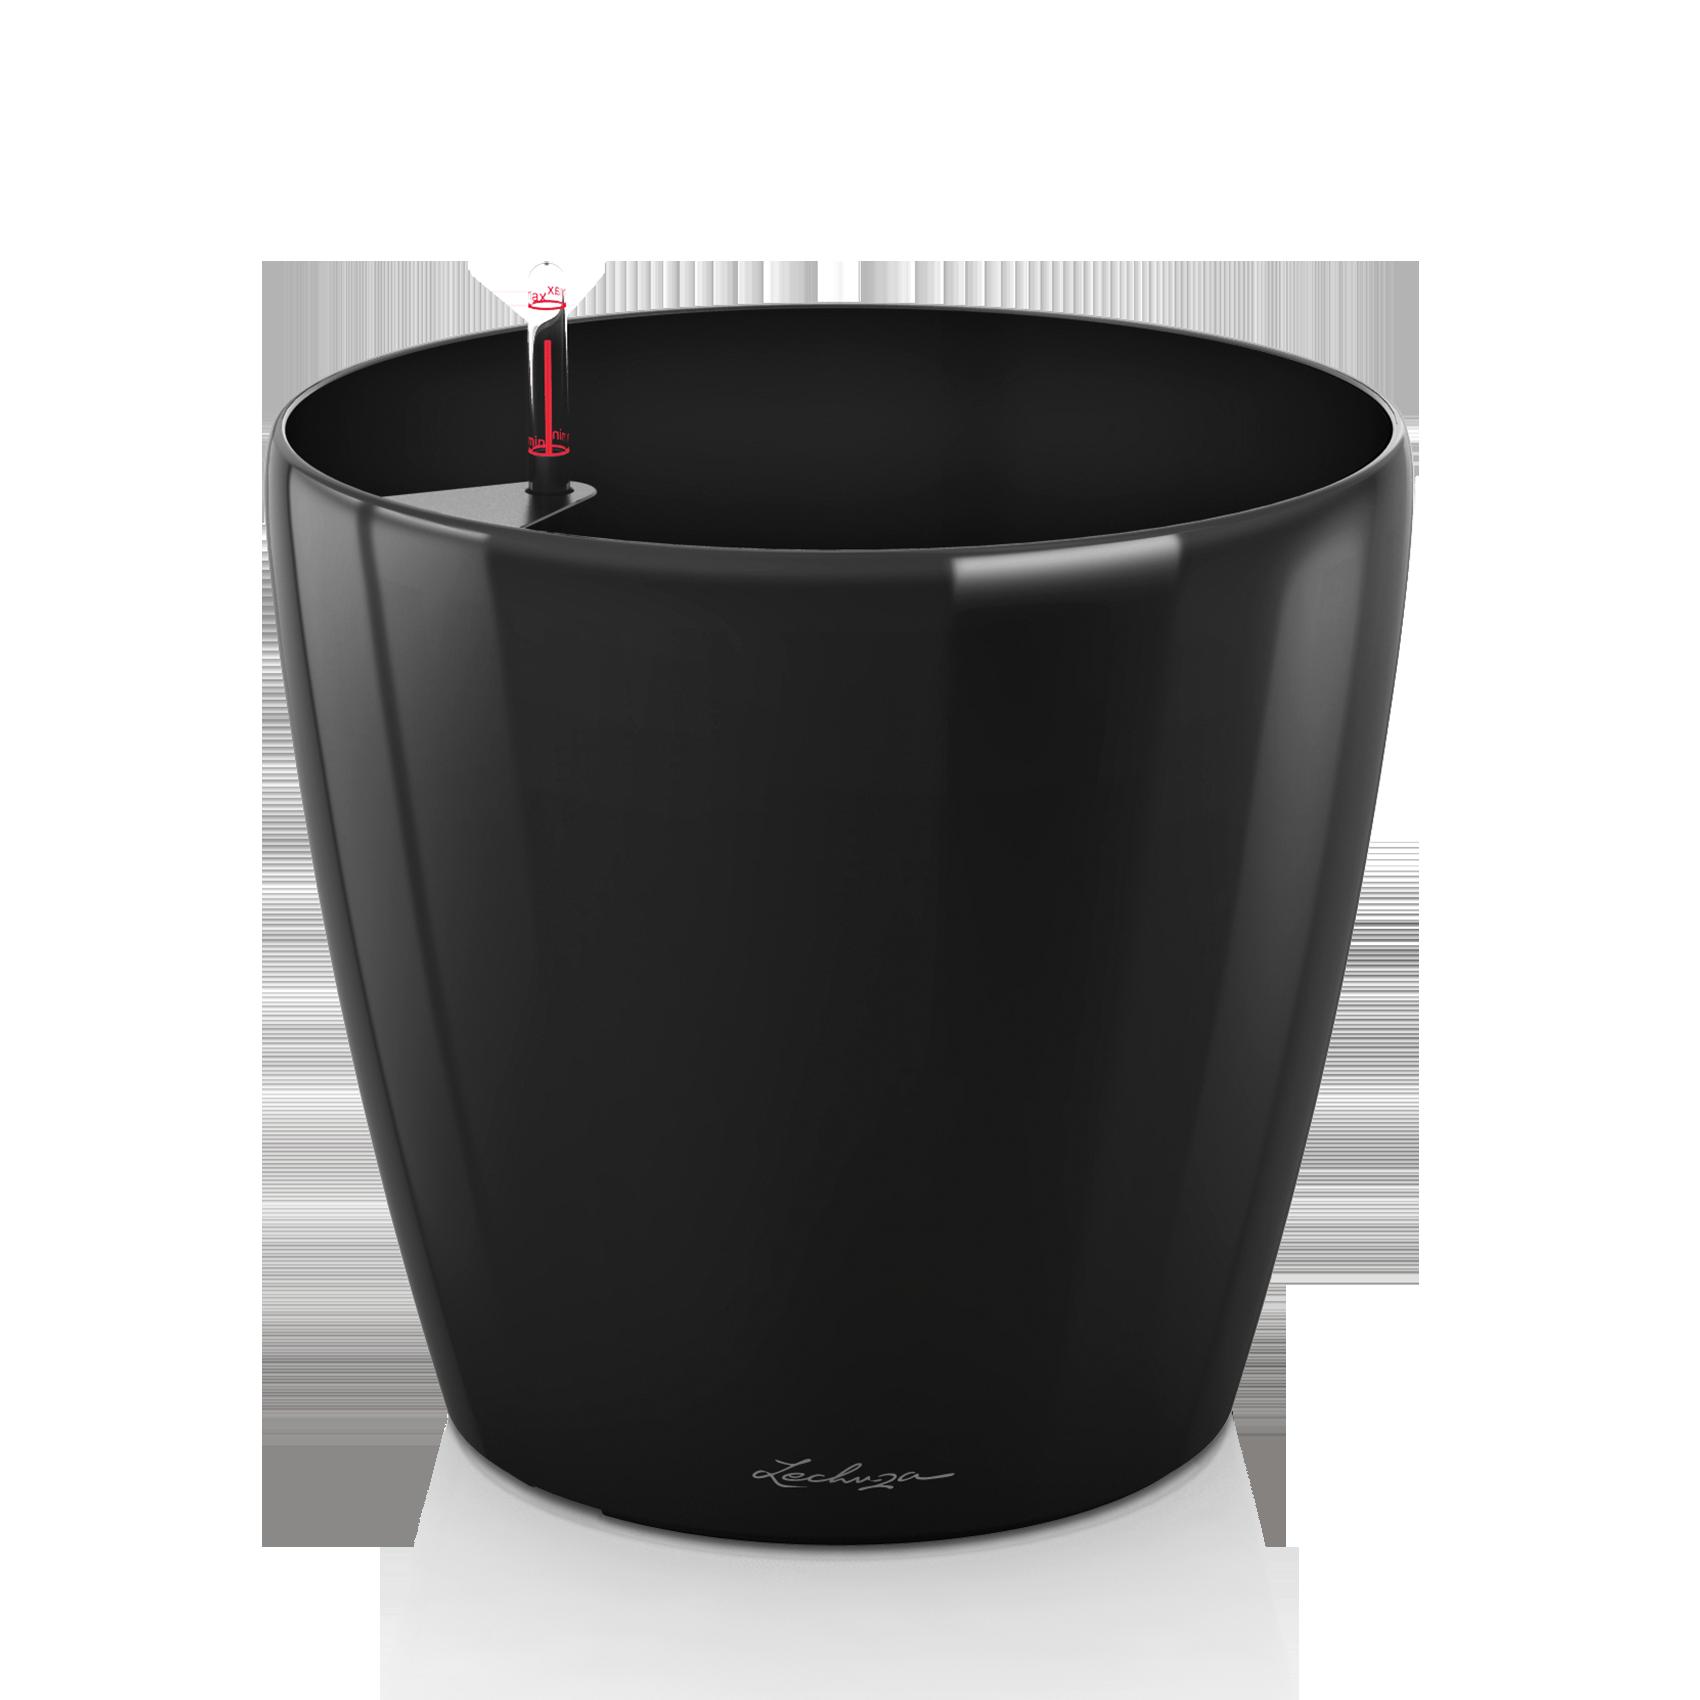 CLASSICO 70 noir brillant